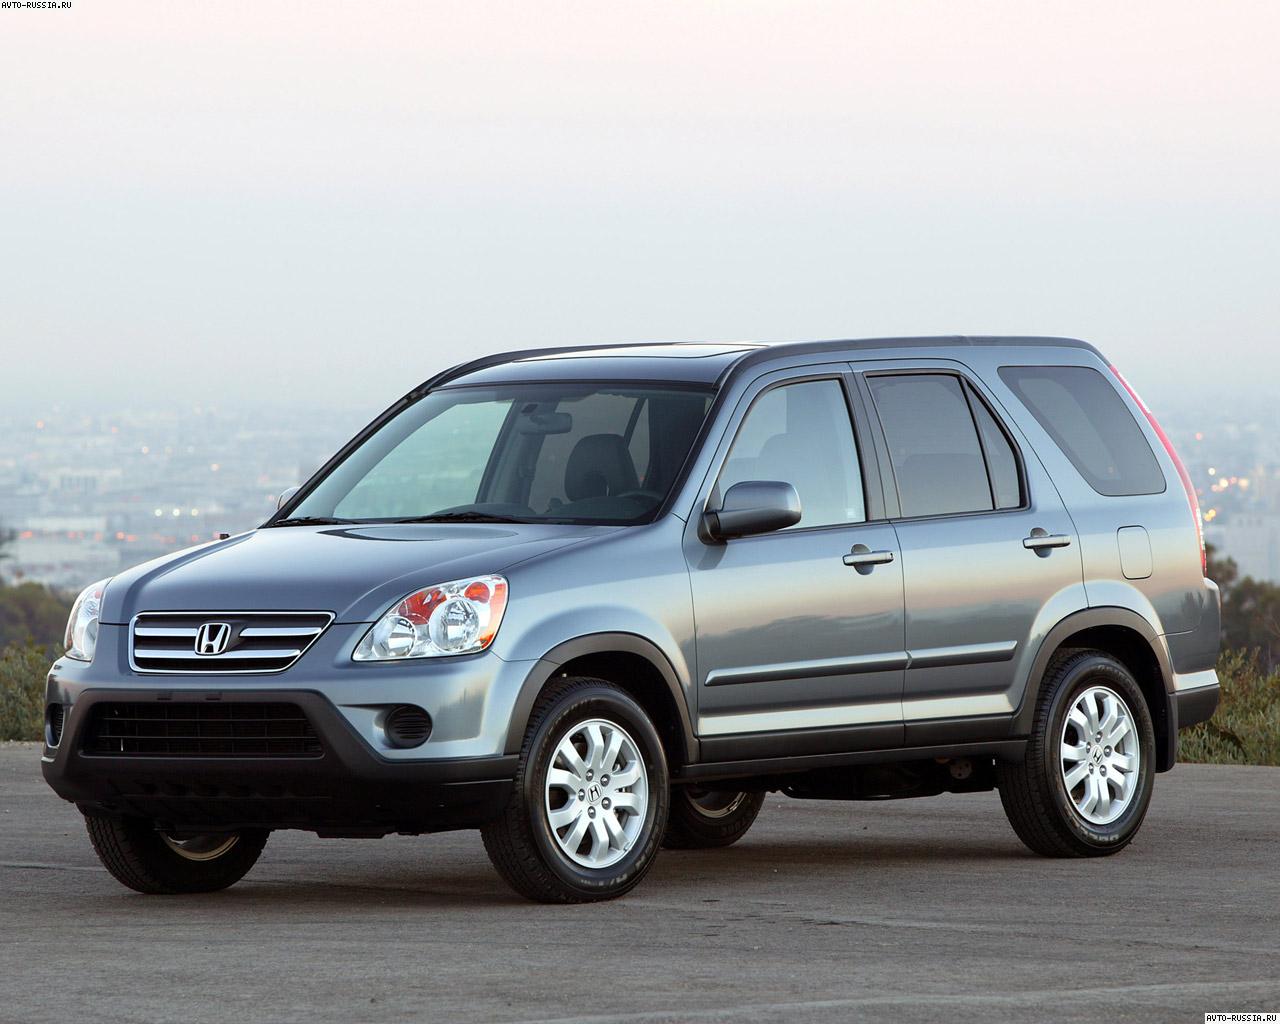 Honda Cr V Ii цена технические характеристики фото отзывы дилеры Хонда ЦРВ Ii Avto Russia Ru